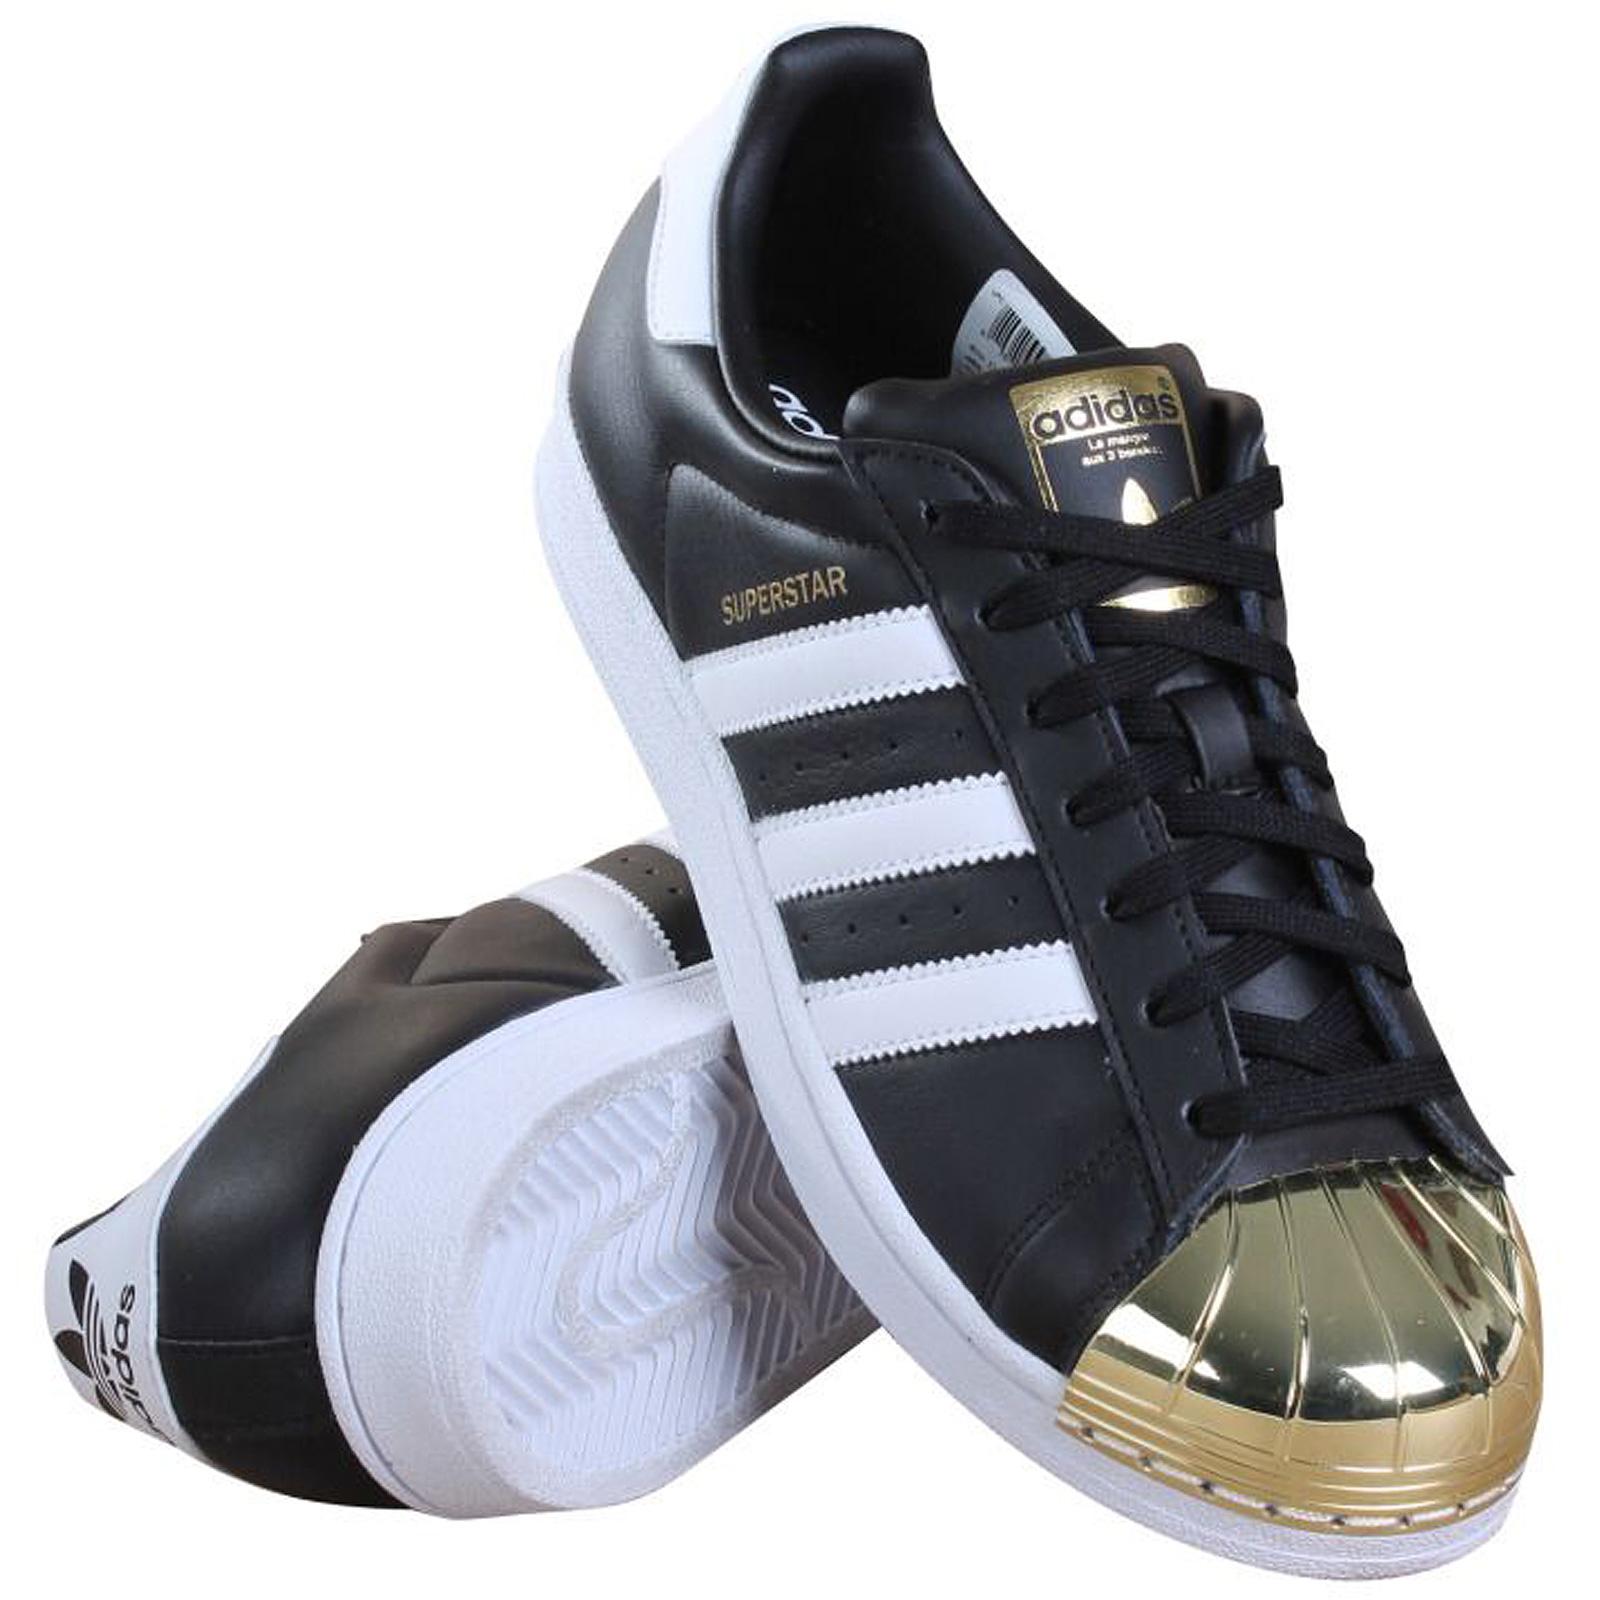 info for 7e1d1 edc0f Dettagli su ADIDAS Originals Superstar METAL TOE bb5115 Sneaker Scarpe nere  in pelle oro- mostra il titolo originale